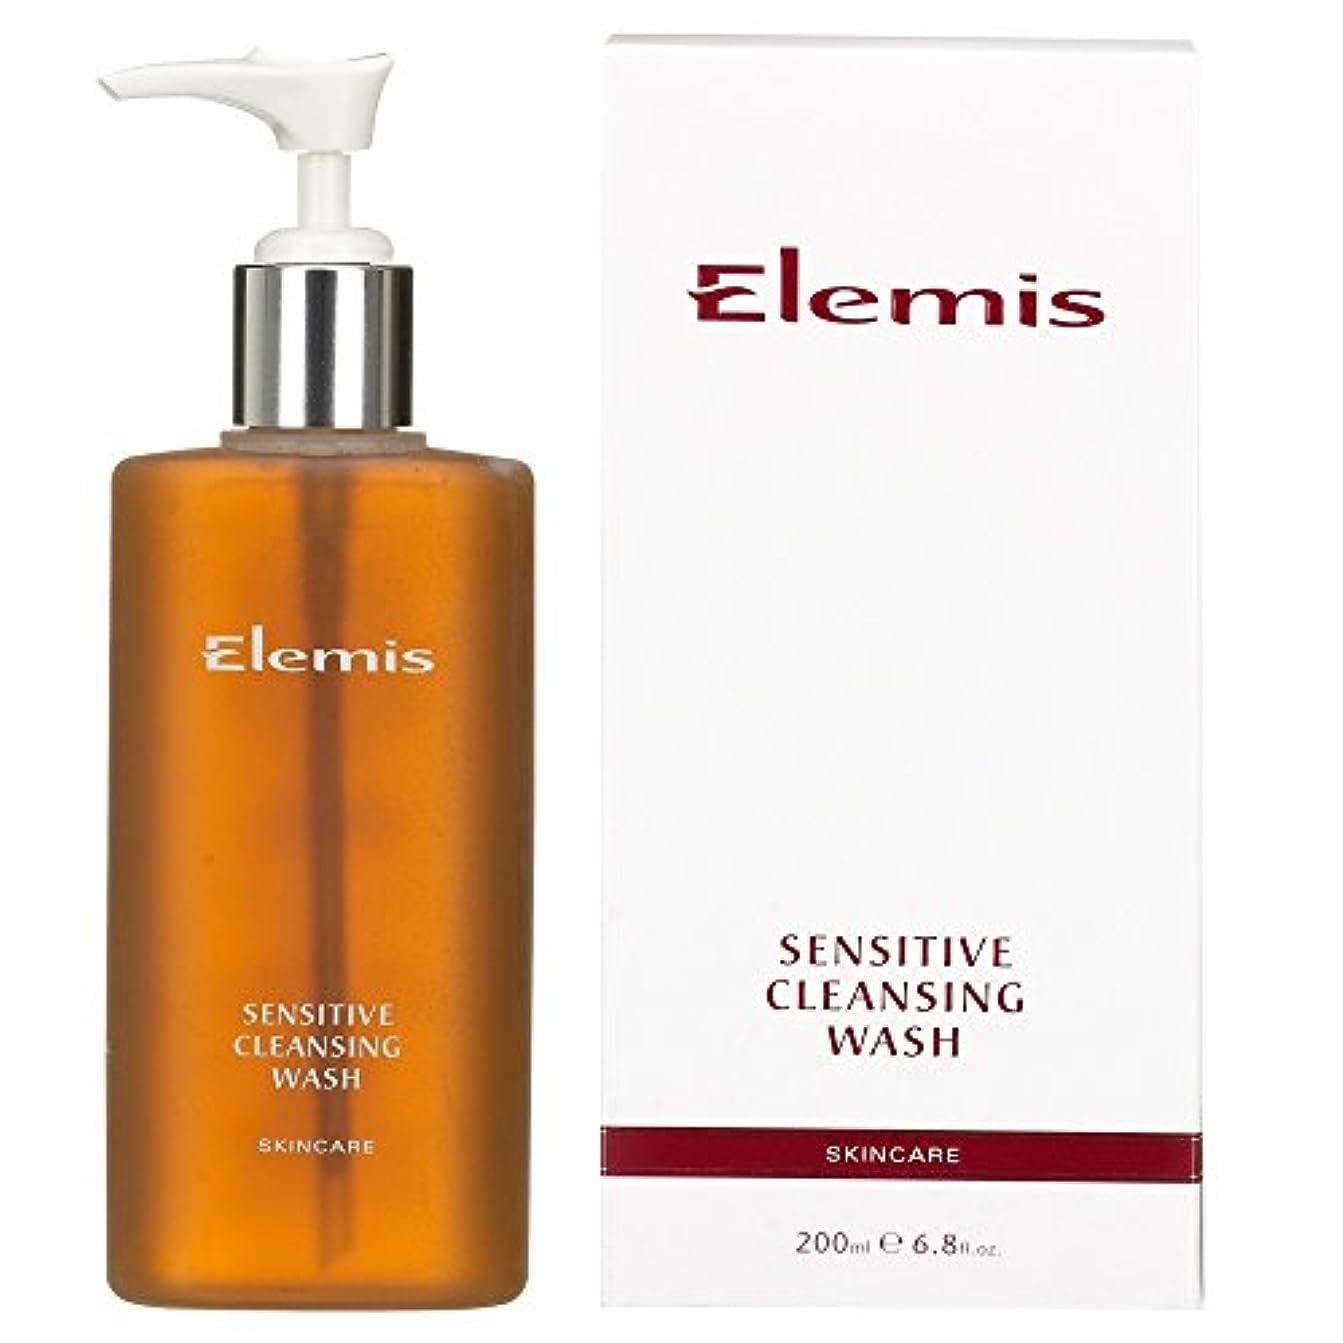 マウスピース生む修道院エレミスは敏感クレンジングウォッシュをスキンケア (Elemis) (x6) - Elemis Skincare Sensitive Cleansing Wash (Pack of 6) [並行輸入品]